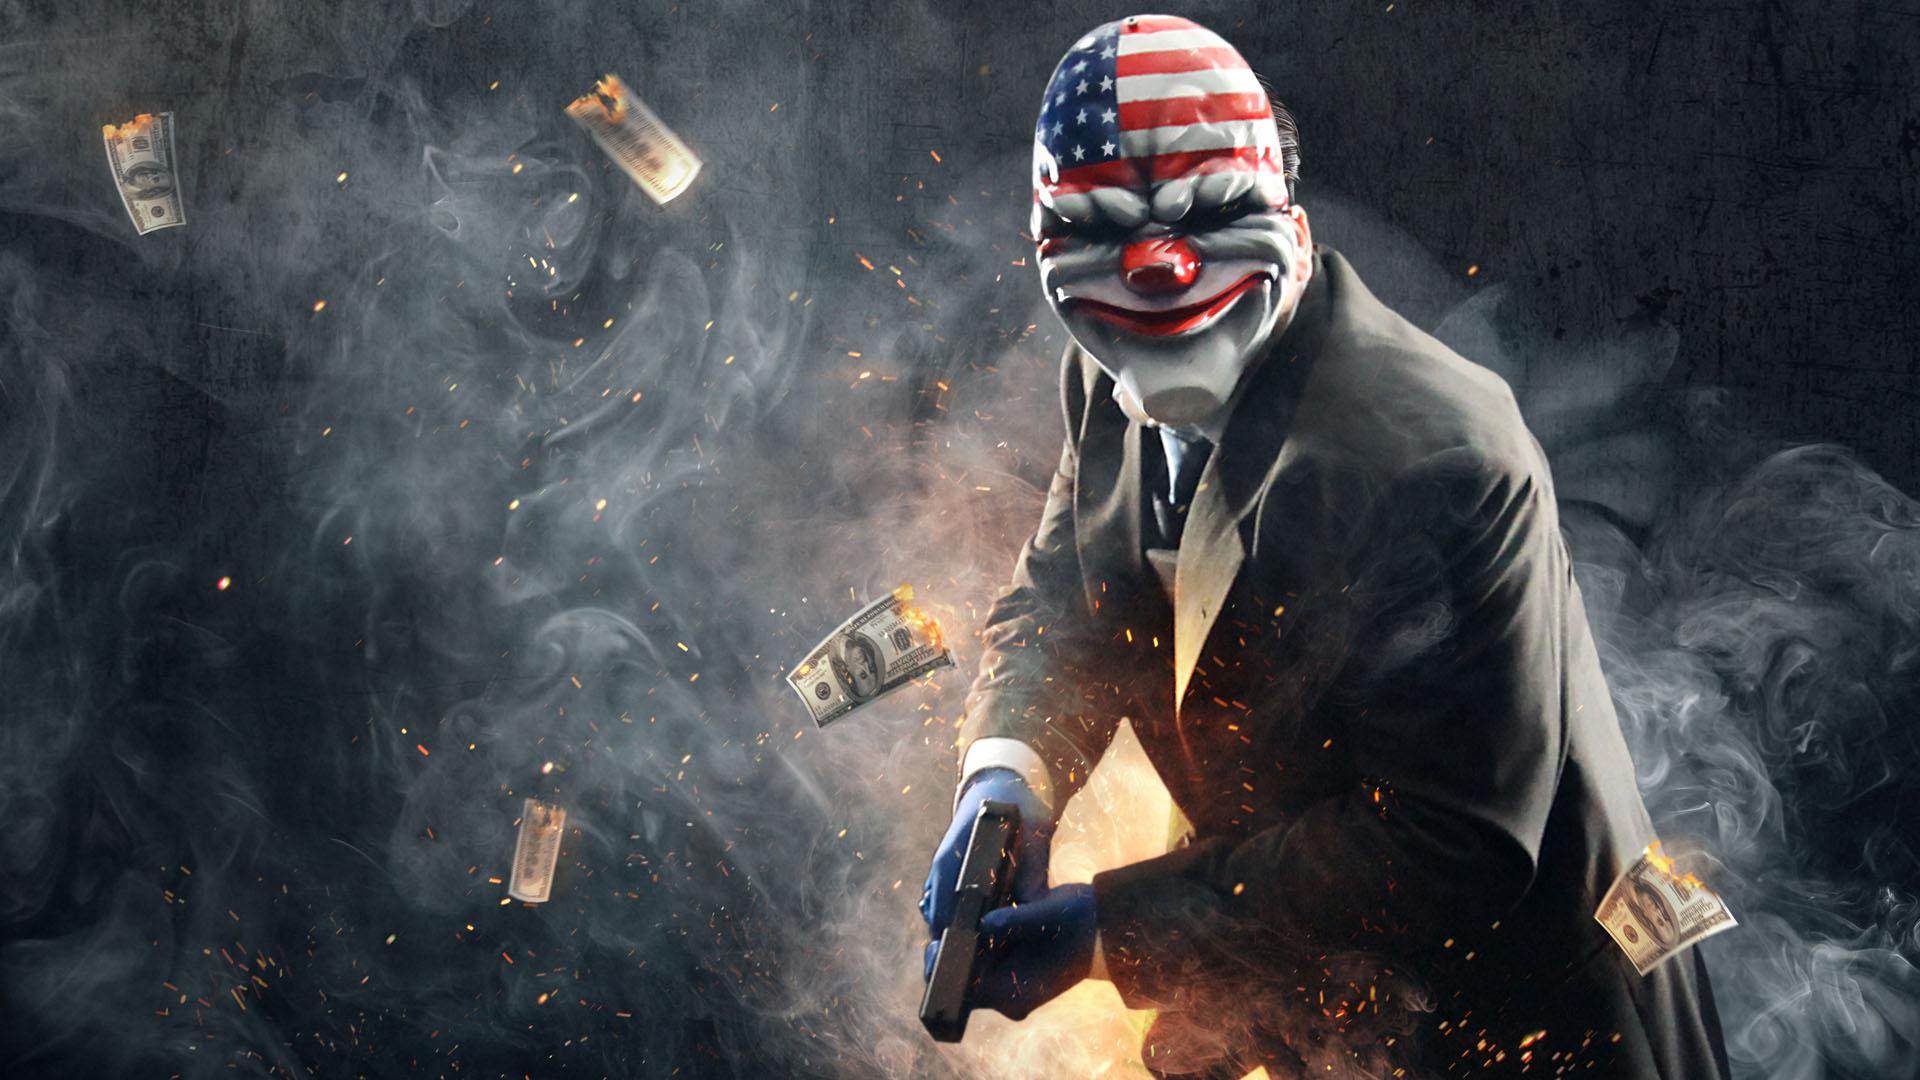 В июне на Steam бесплатно раздают симулятор ограблений Payday 2